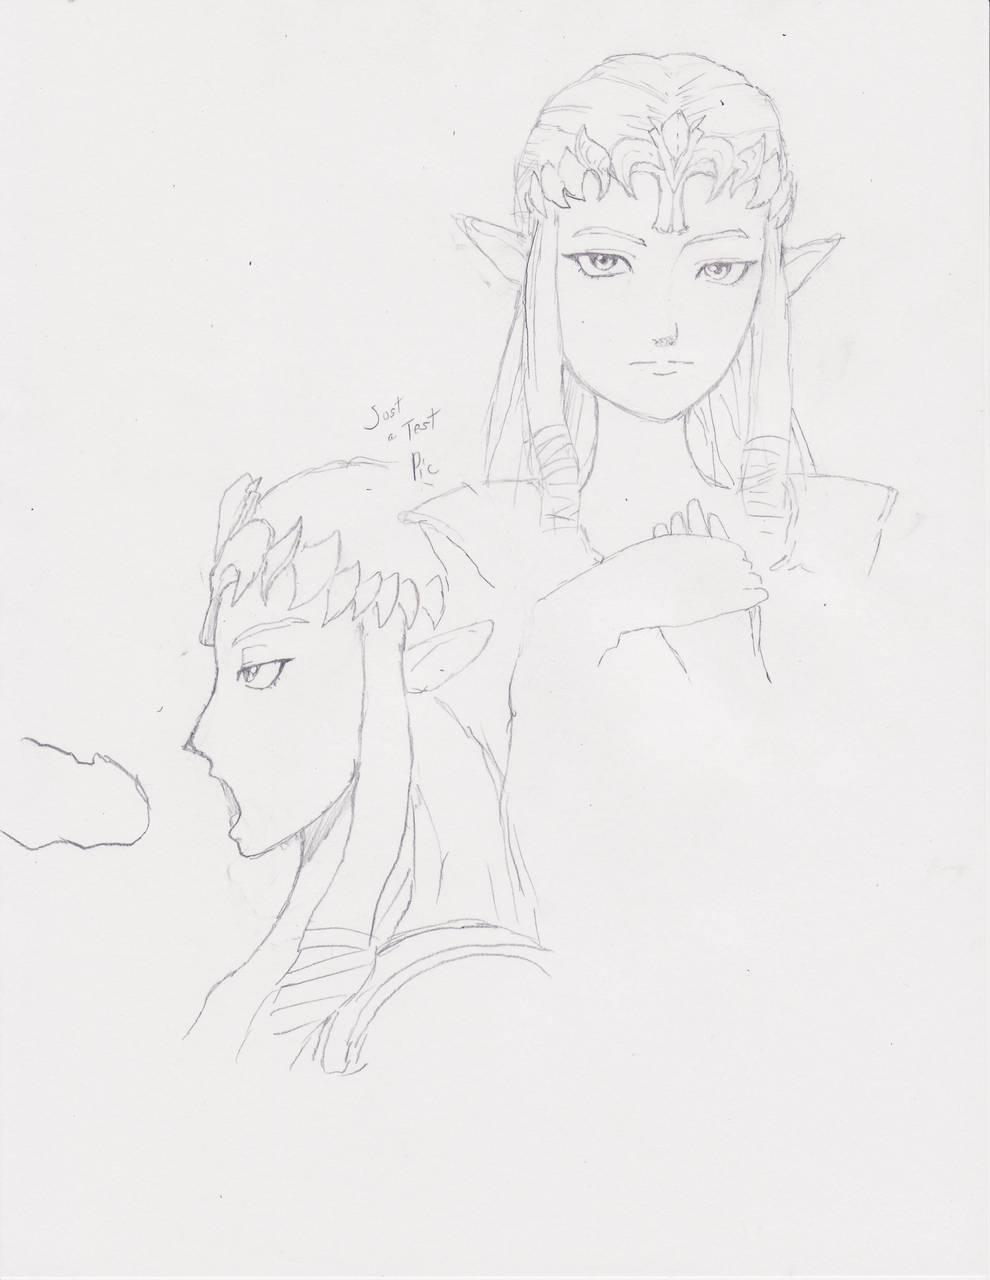 zelda twilight agitha of princess legend Furyou ni hamerarete jusei suru kyonyuu okaa san